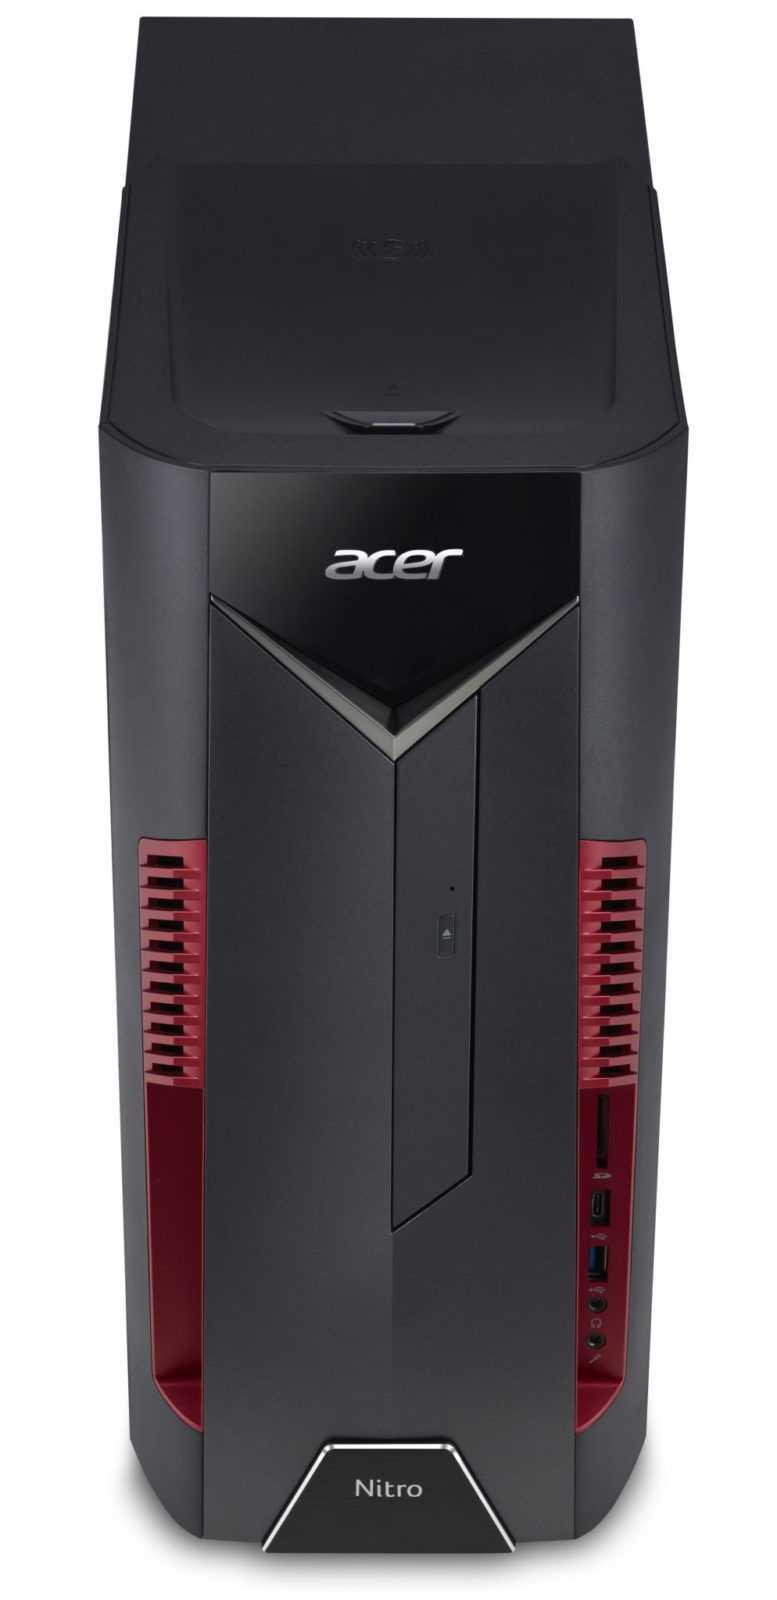 Ecco I Nuovi Monitor E Pc Desktop Acer Nitro Gametimers